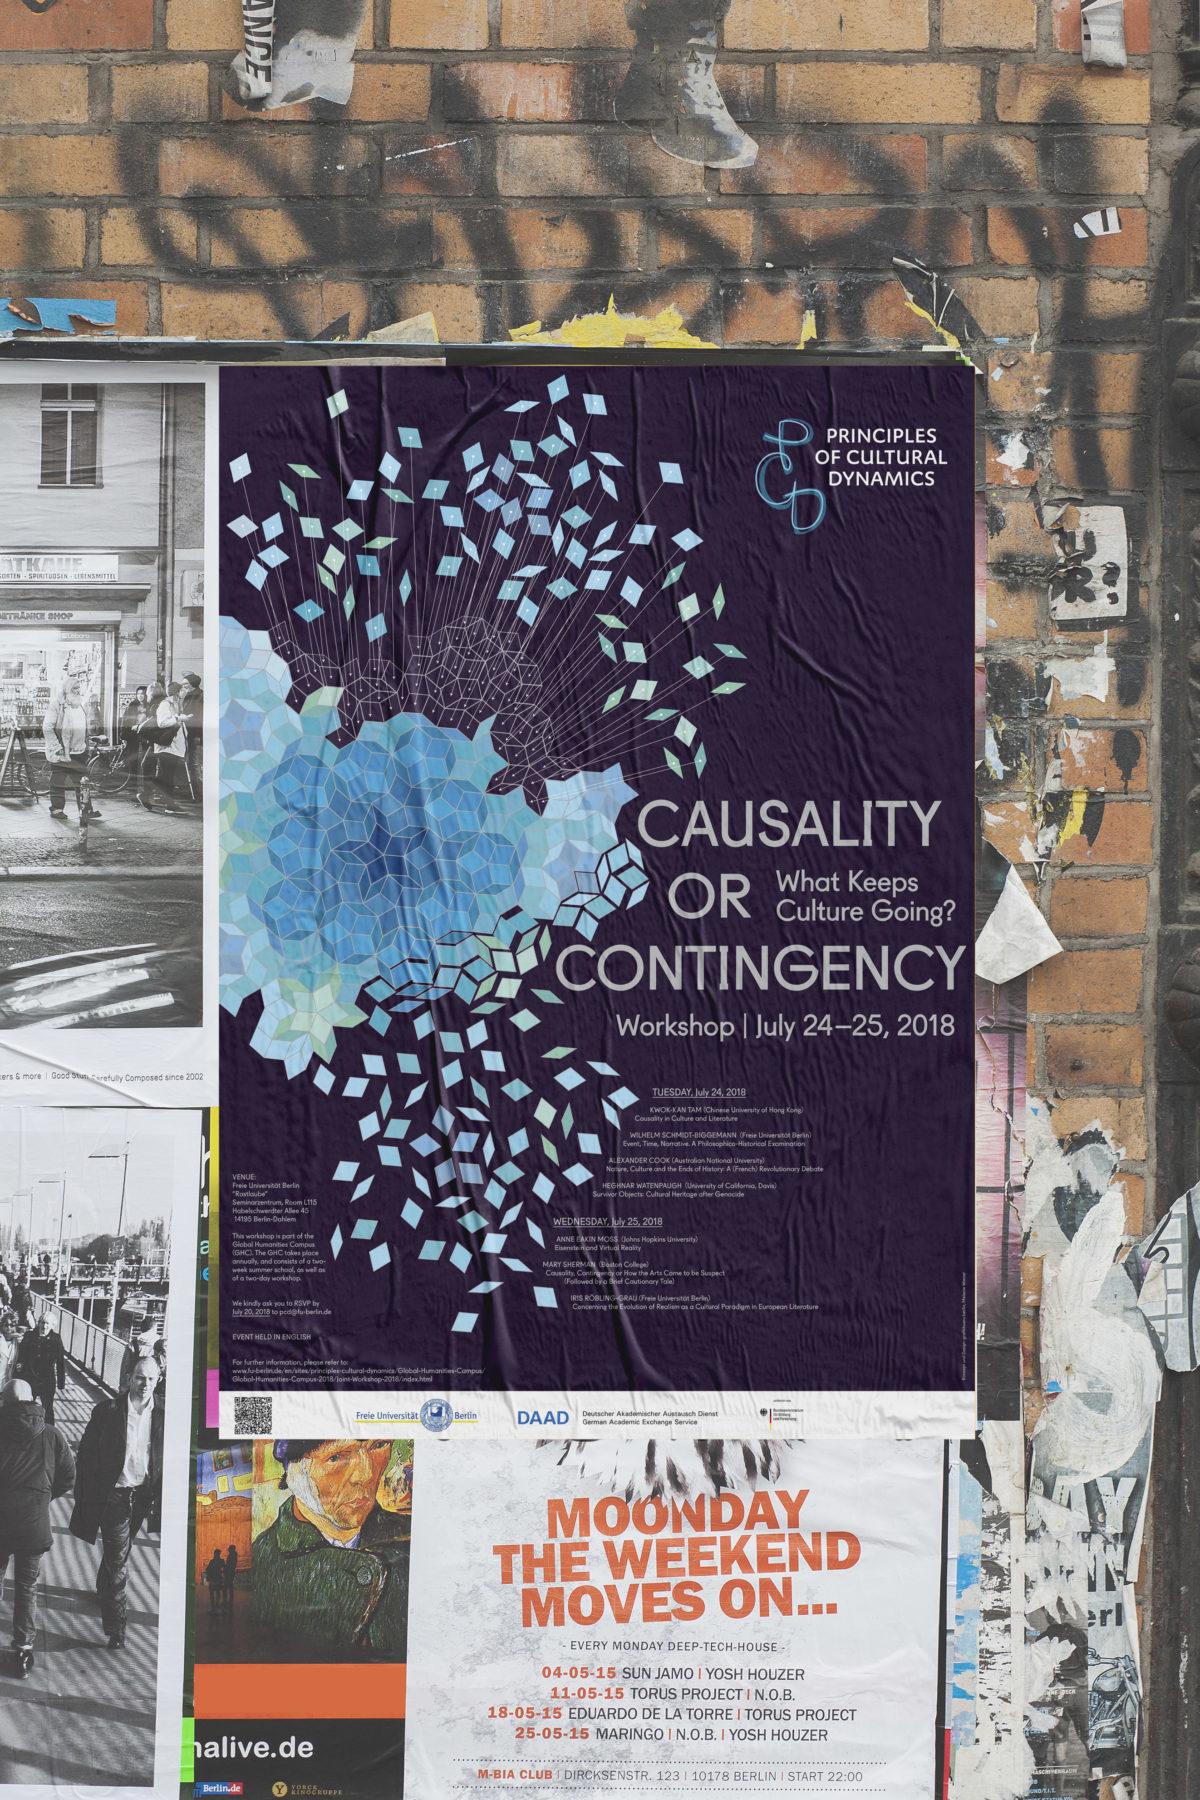 """Poster des Thematic Network """"Principles of Cultural Dynamics"""" der Freien Universität Berlin zur Jahrestagung 2018"""